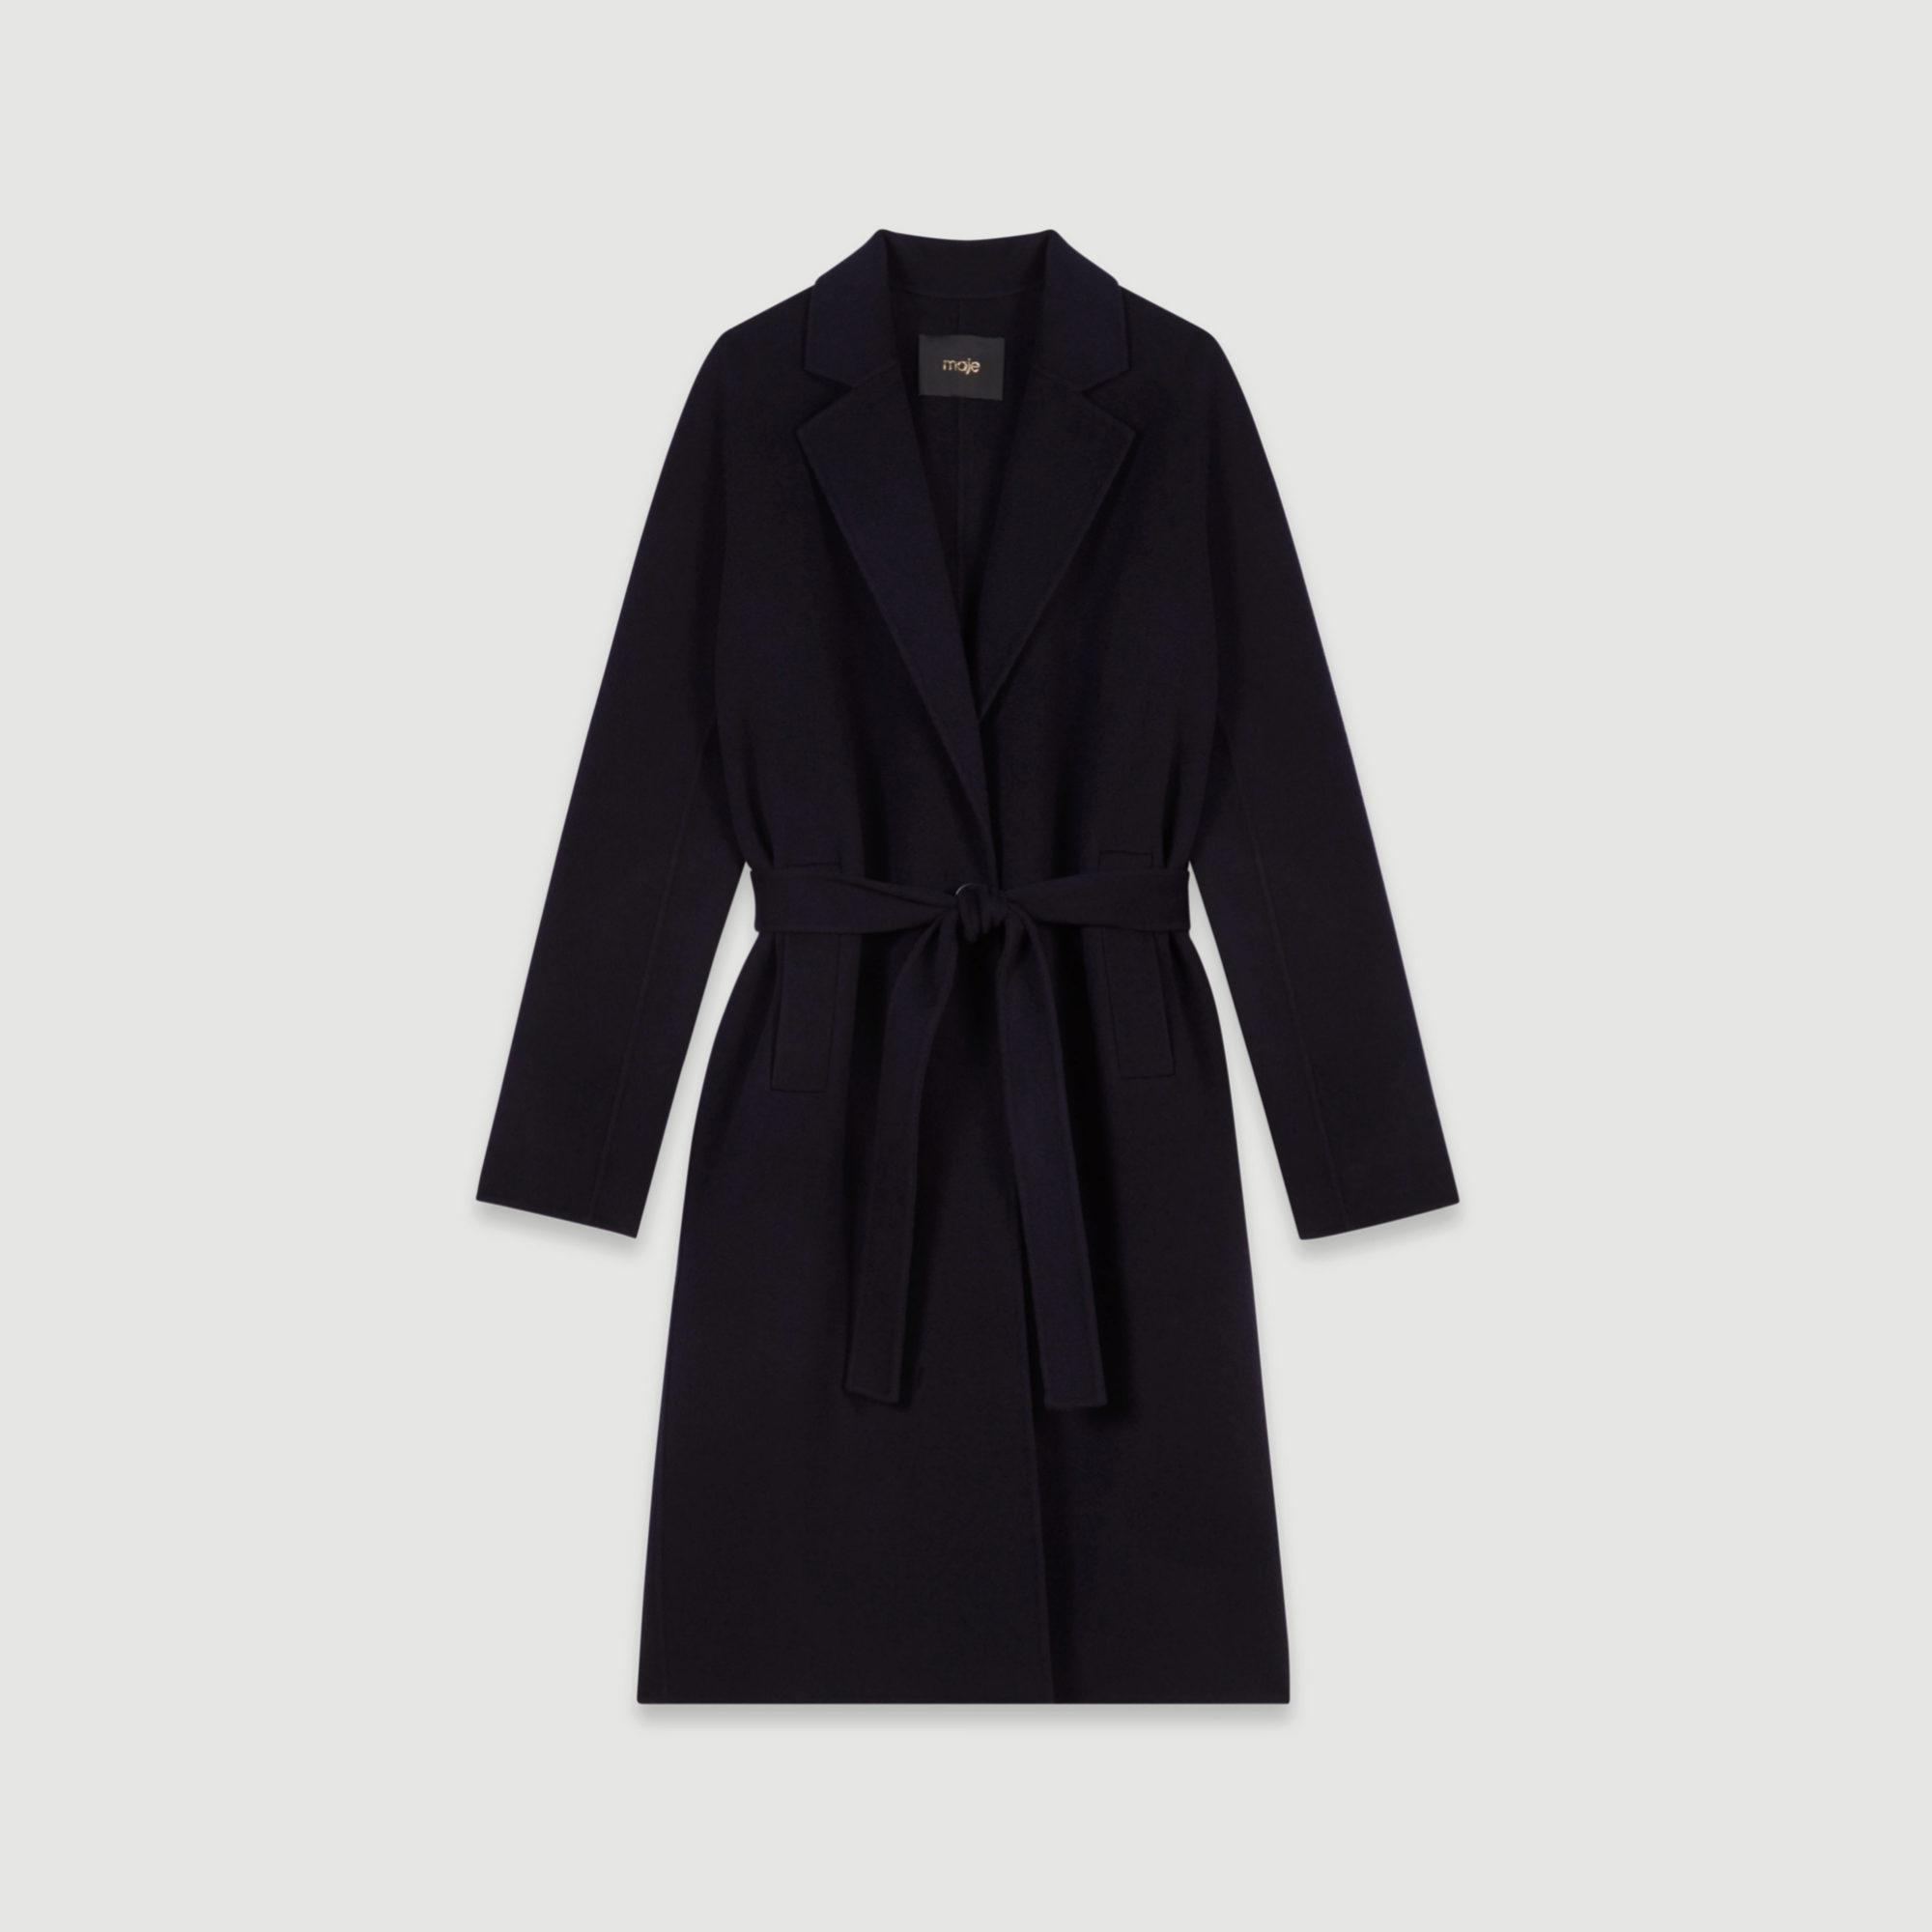 Abrigo de lana con cinturón de Maje